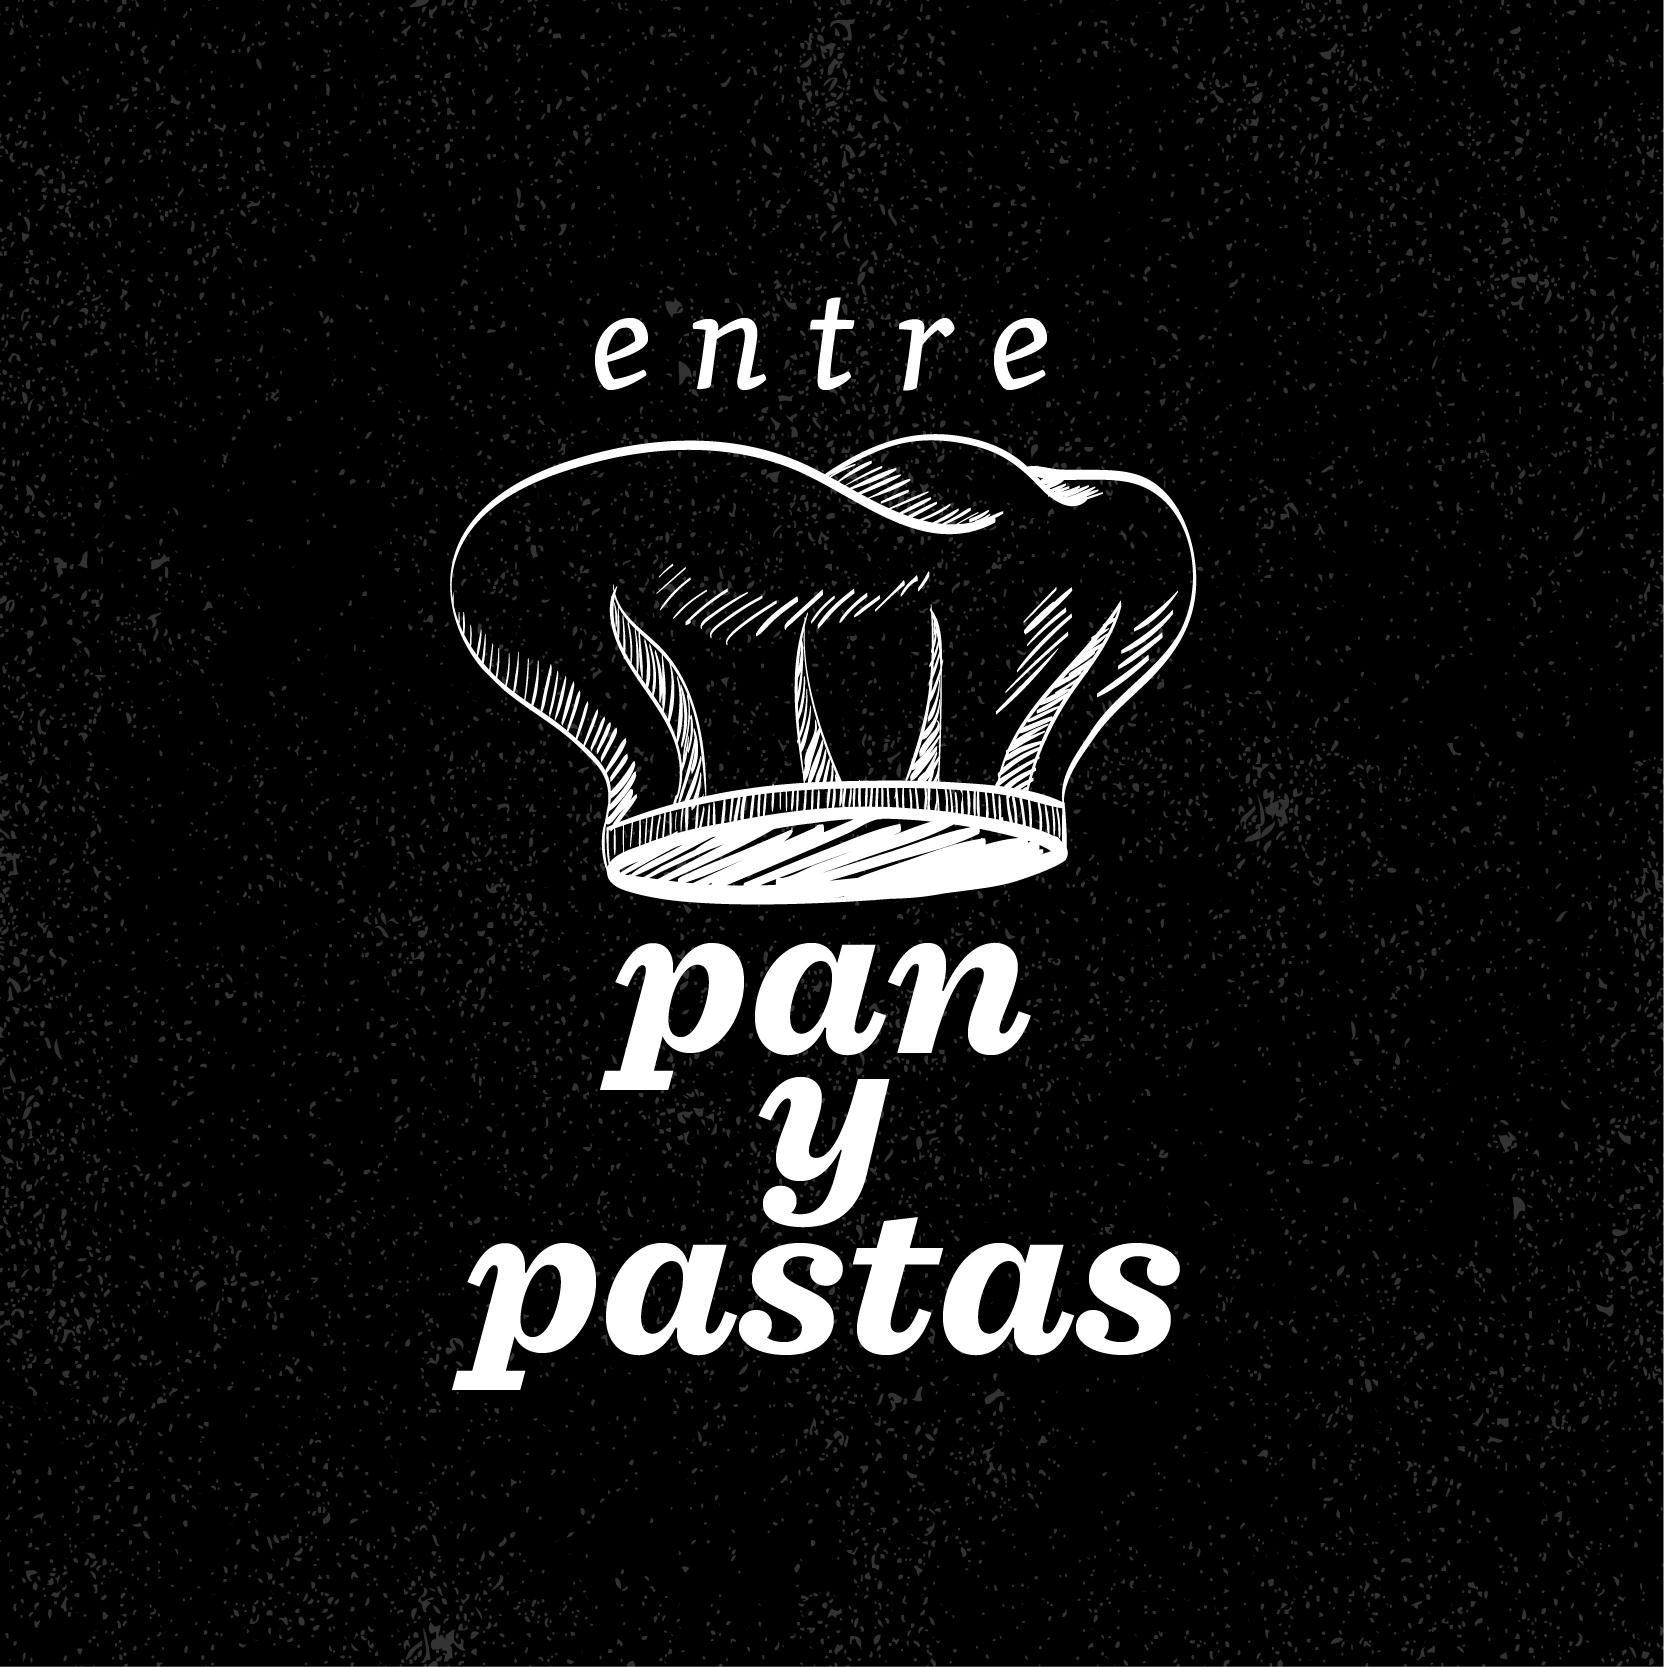 entrepanypastas_logo_negro-02